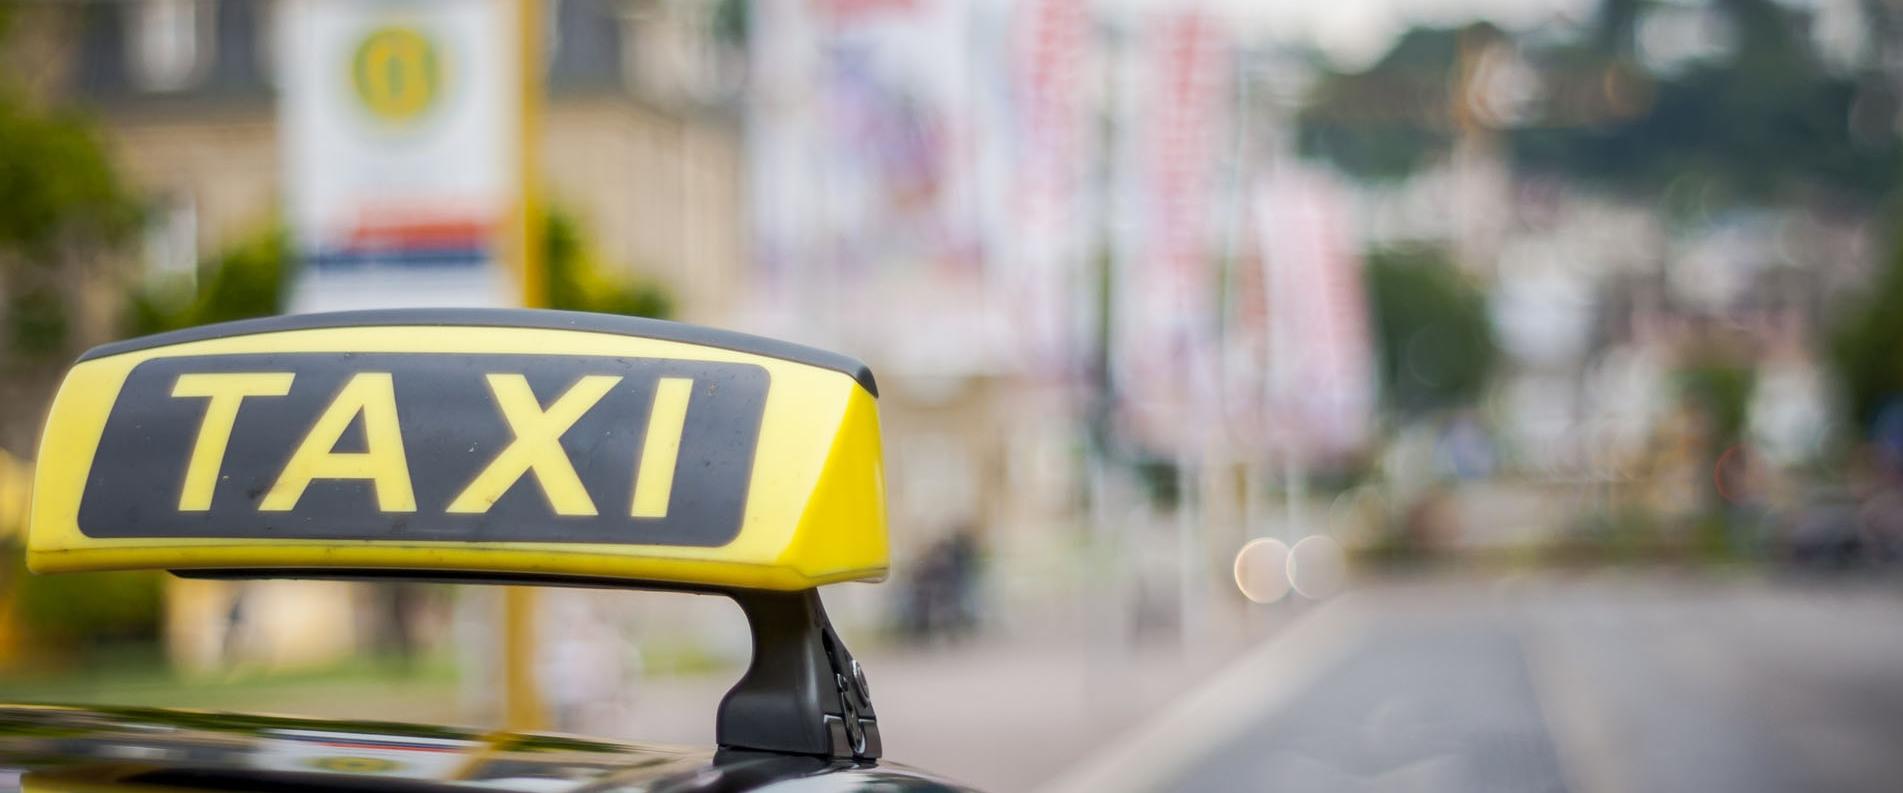 Общественный транспорт на Кипре: автобусы, «трэвэл» такси и такси